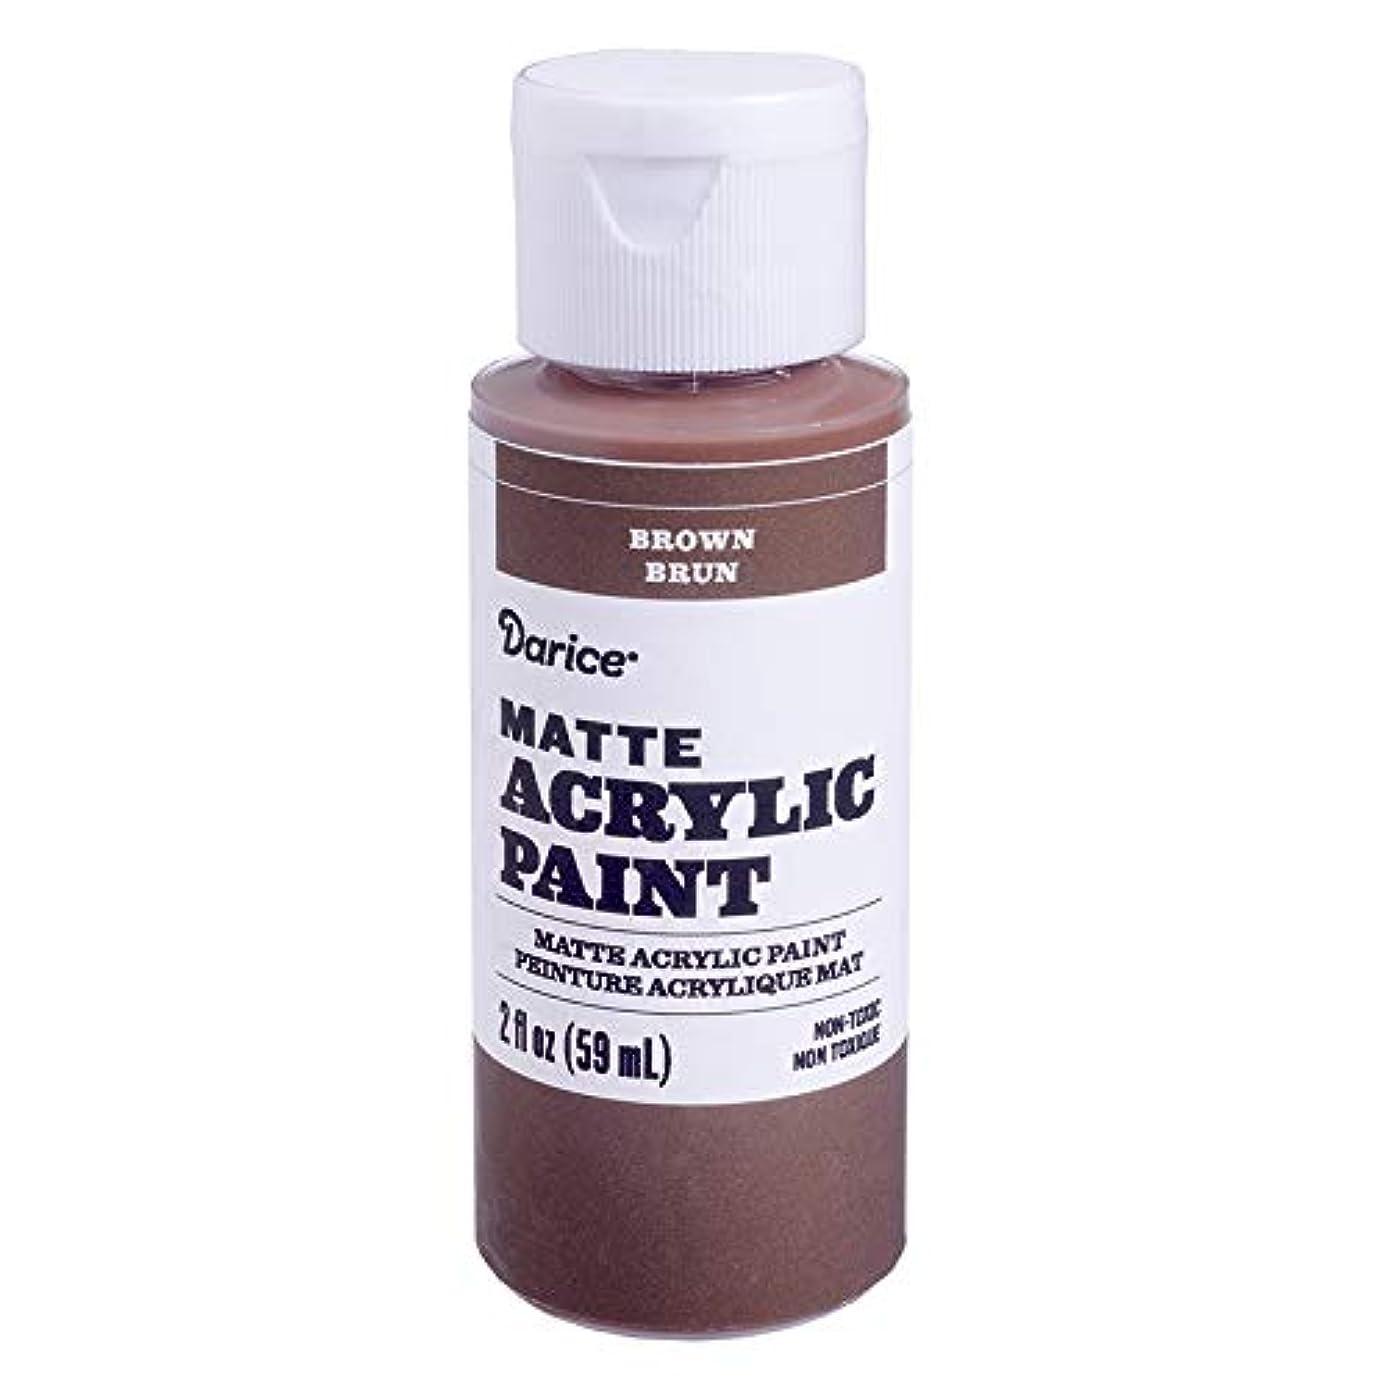 Darice DPCS147-63 Matte Brown, 2 Ounces Acrylic Paint,